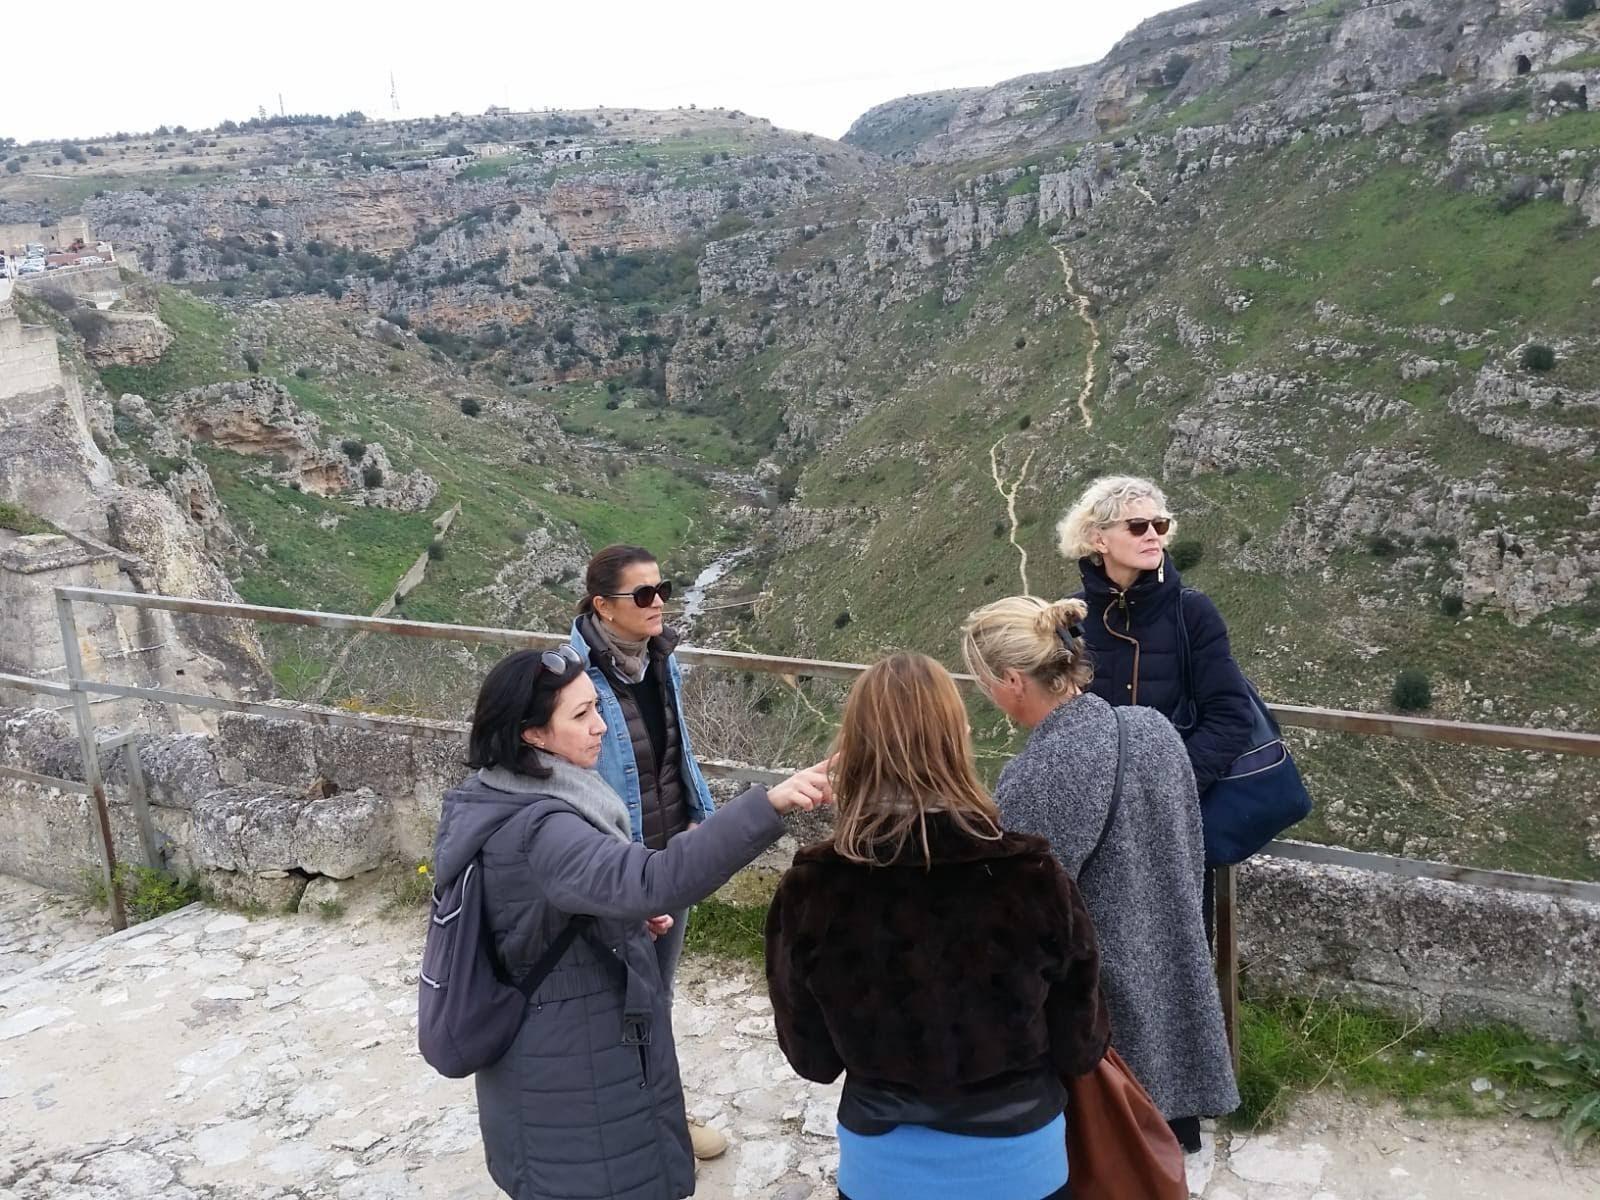 Nella foto, Anna Paterino accompagna delle turiste nel Sasso Caveoso